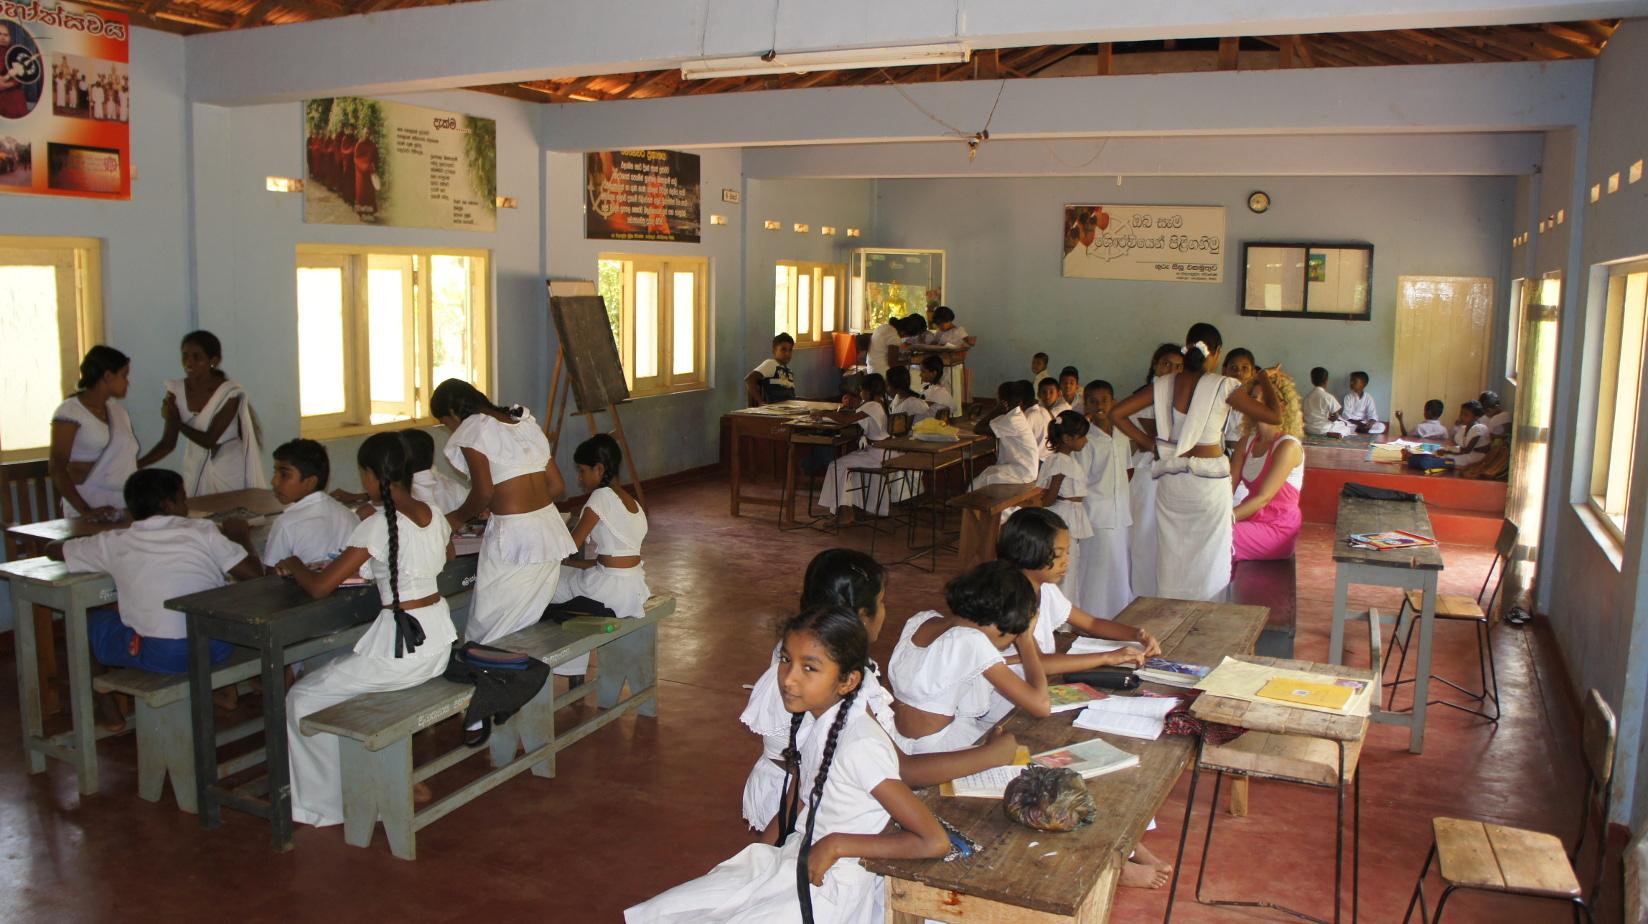 Jeden Sonntag lernen die Kinder aus der Umgebung in der Mönchsschule